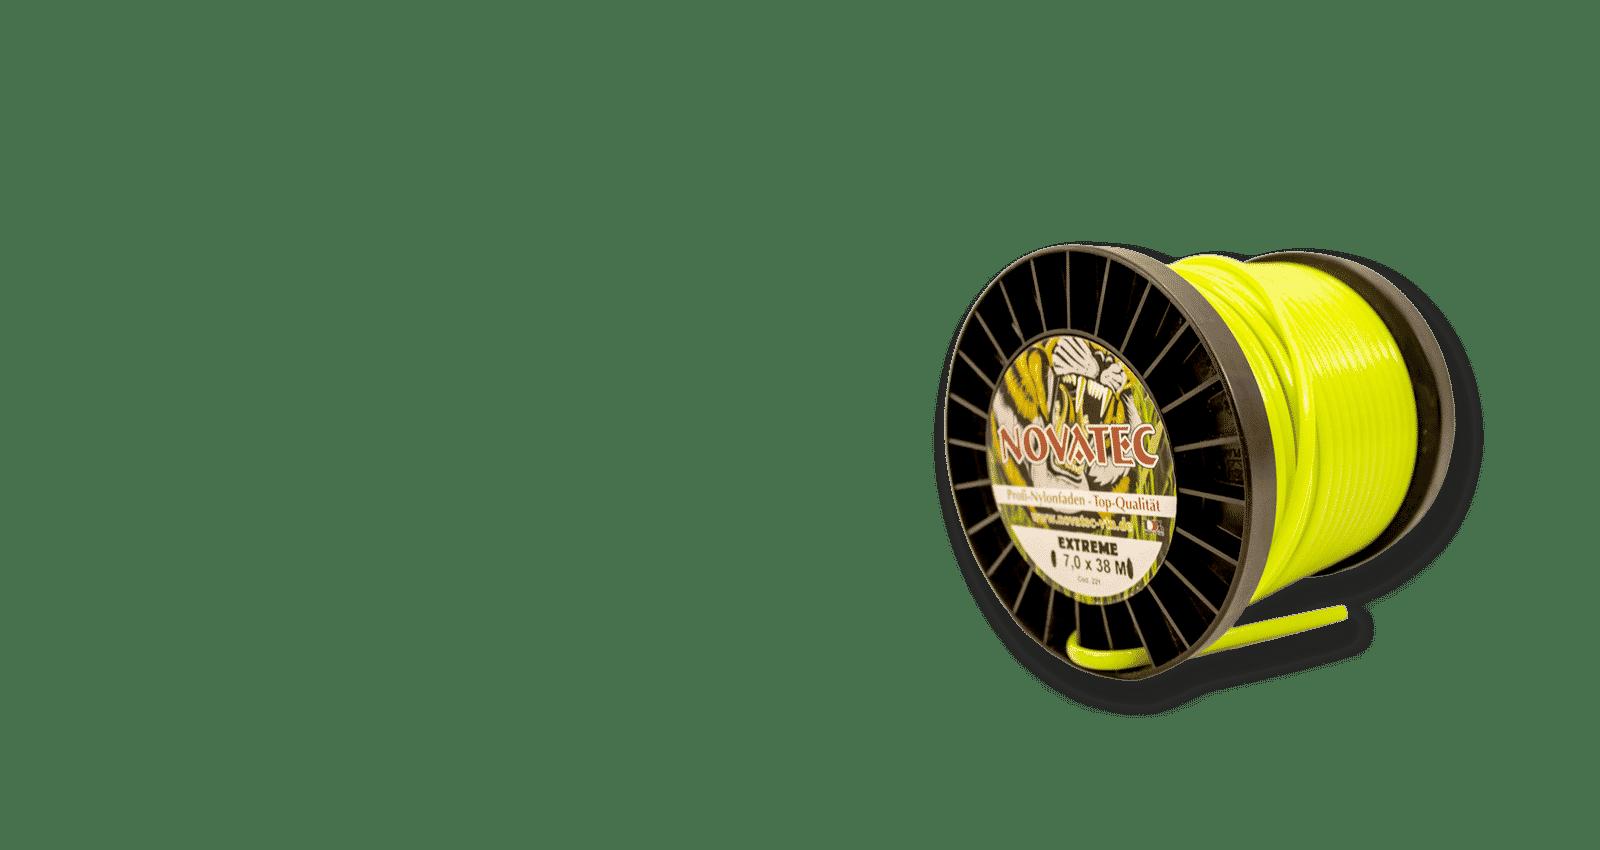 Best Neuheiten - Mähfaden, Mähfäden